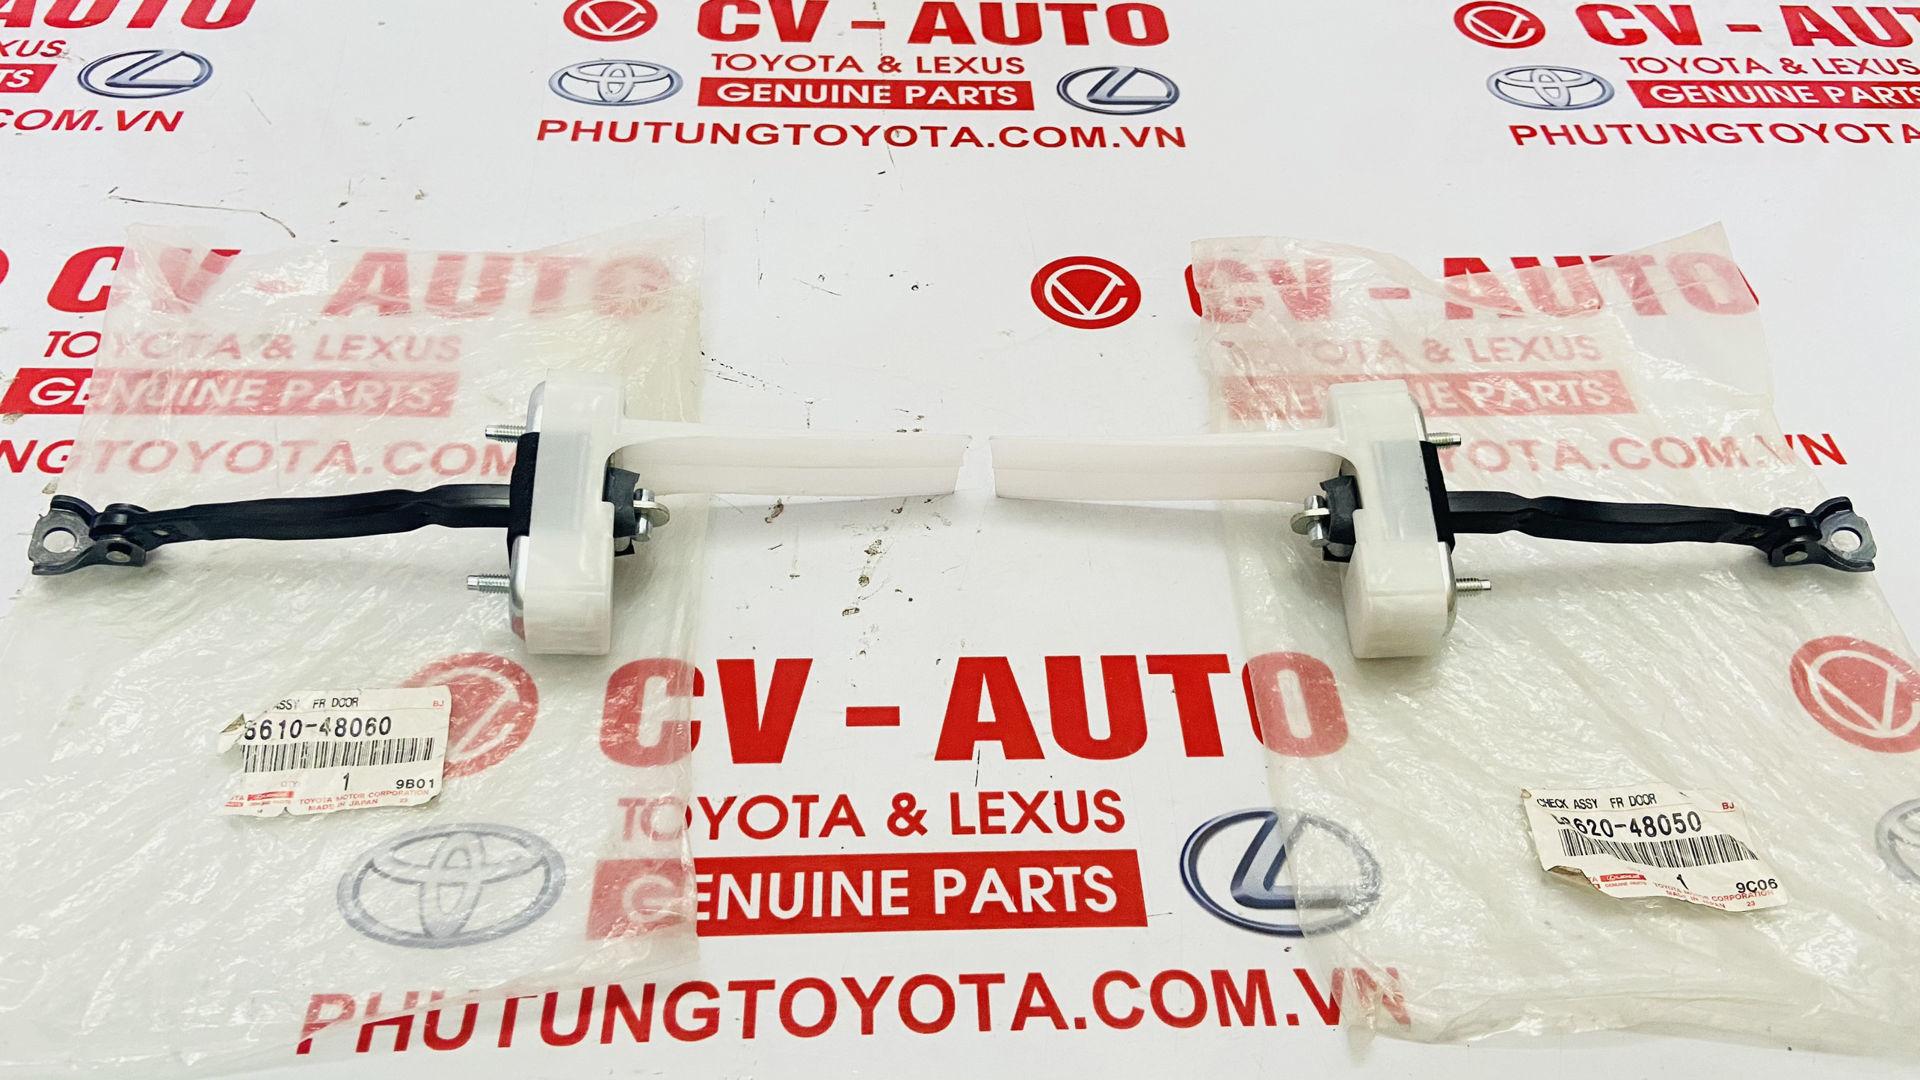 Picture of 68620-48050, 68610-48060, 6862048050, 6861048060 Hạn chế cửa trước Lexus RX350 RX450H chính hãng